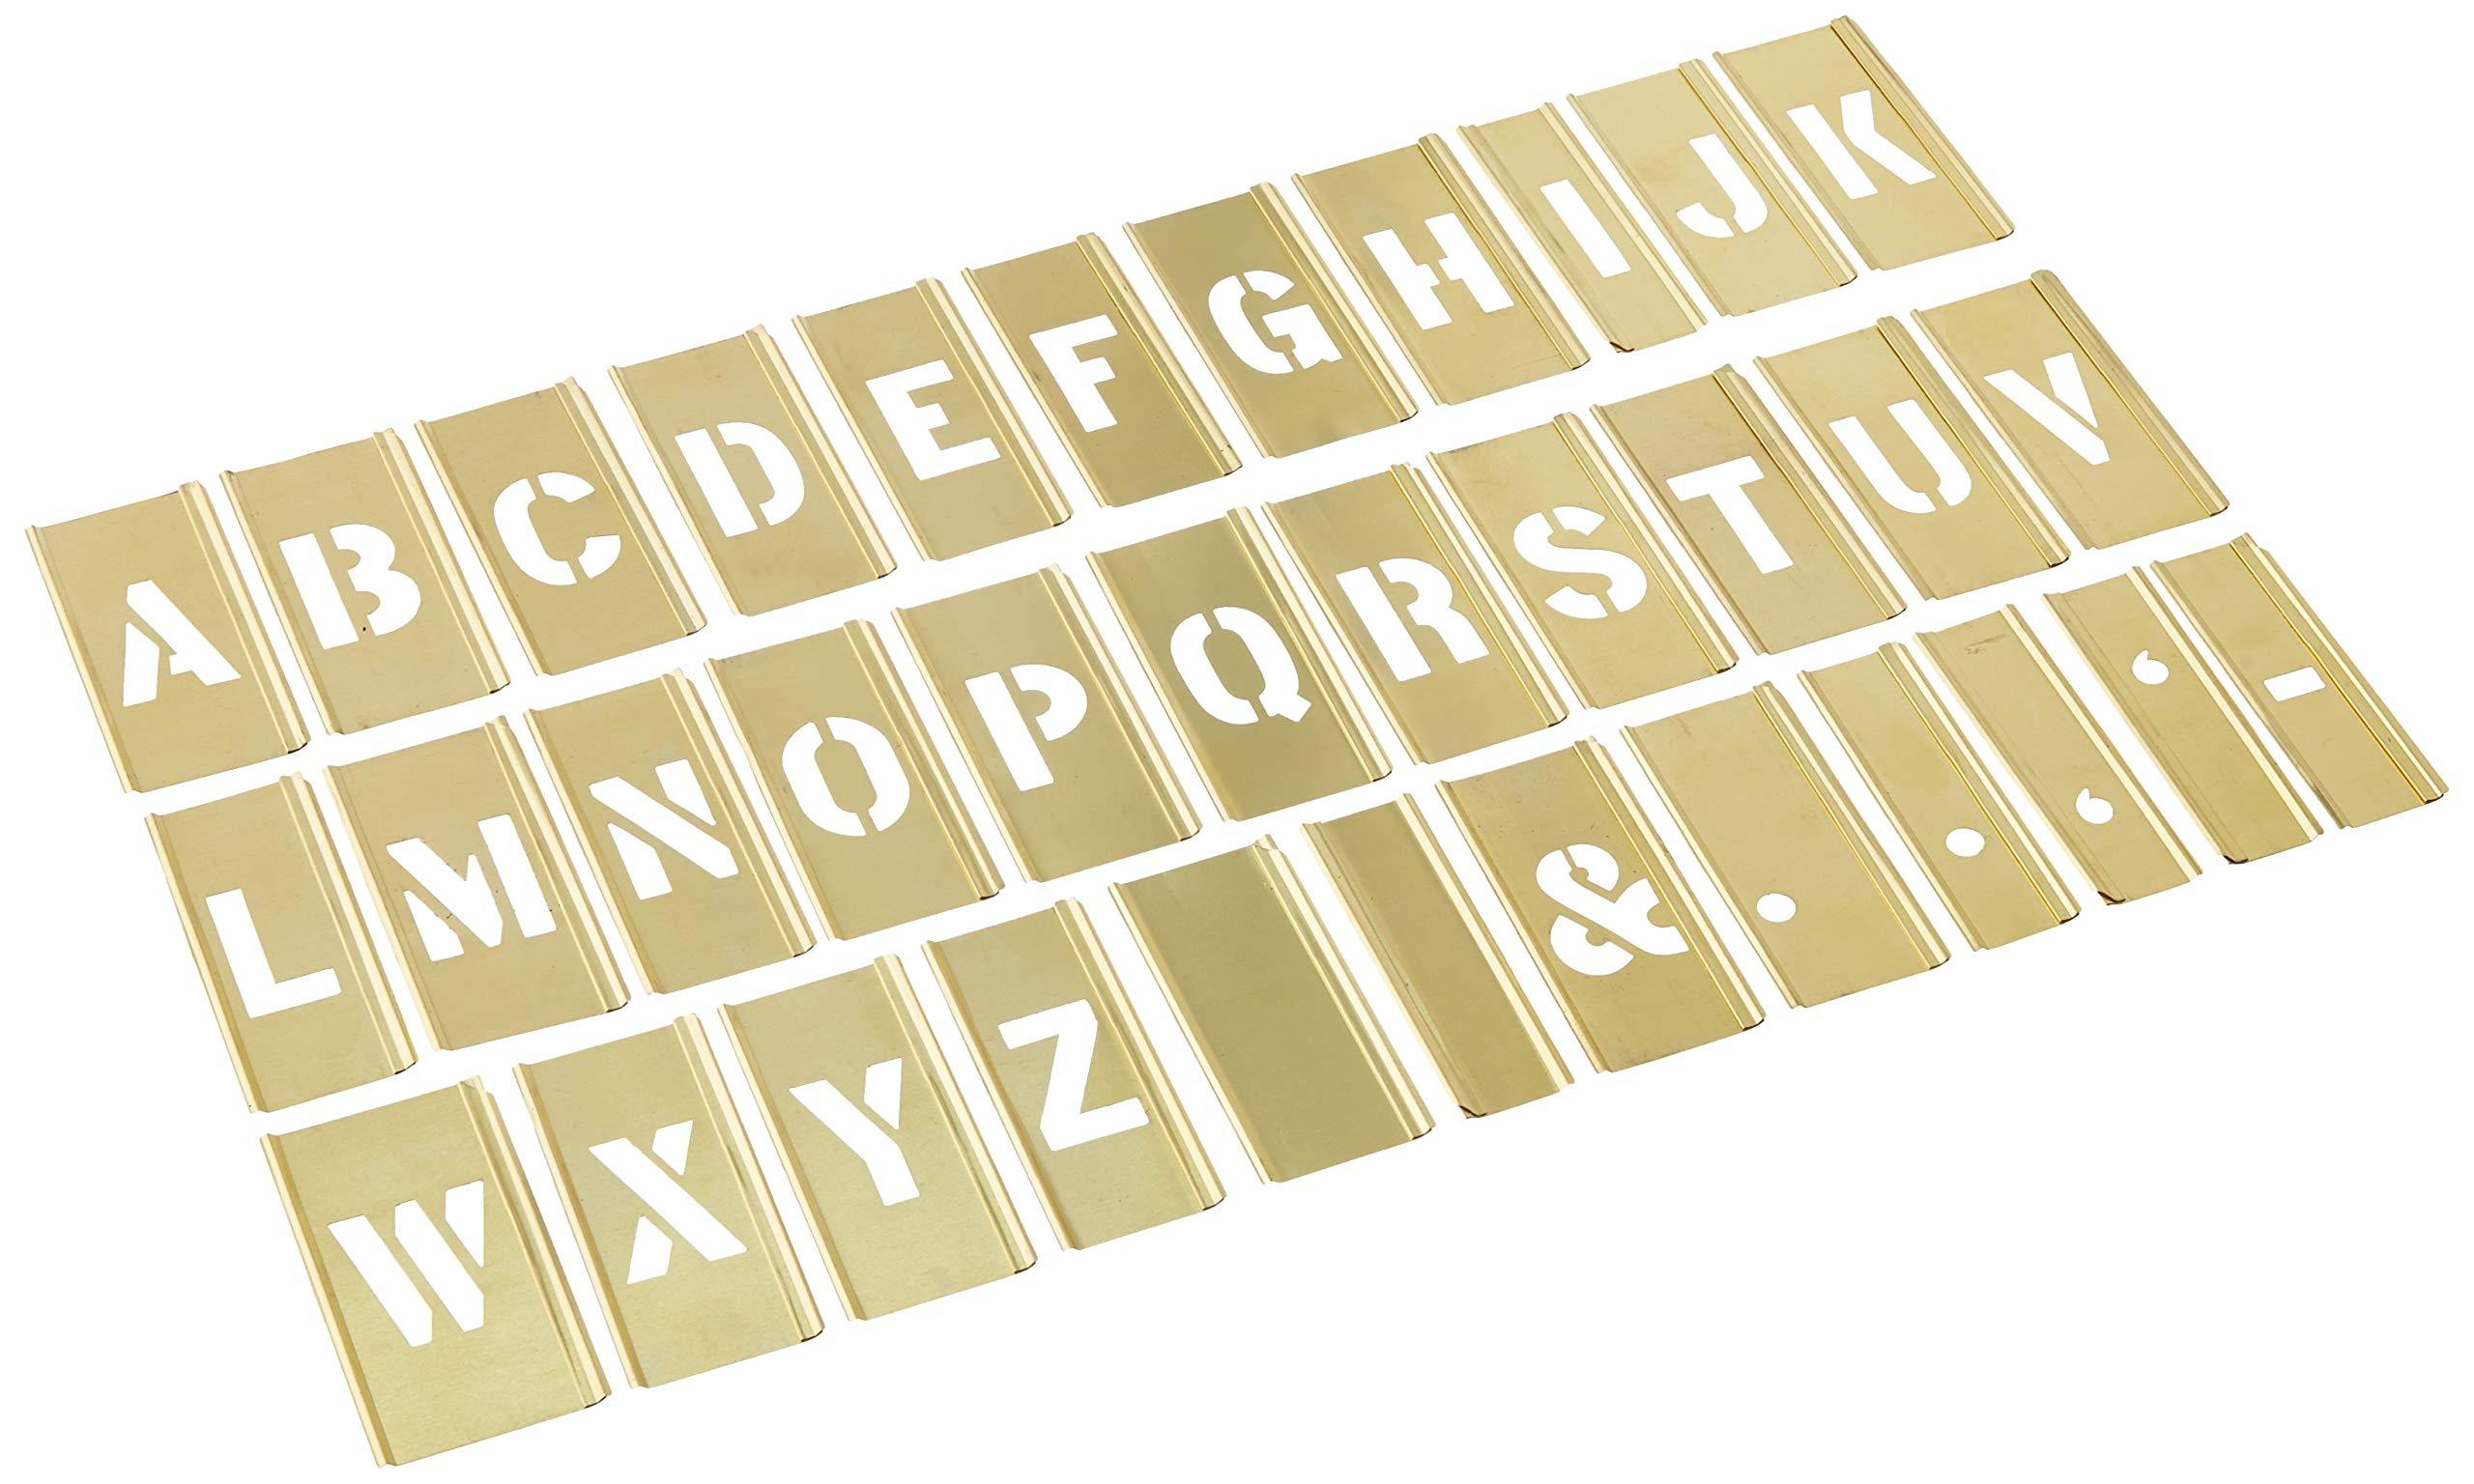 CH Hanson 10028 33 Piece 1'' Brass Letter Interlocking Stencil Set by CH Hanson